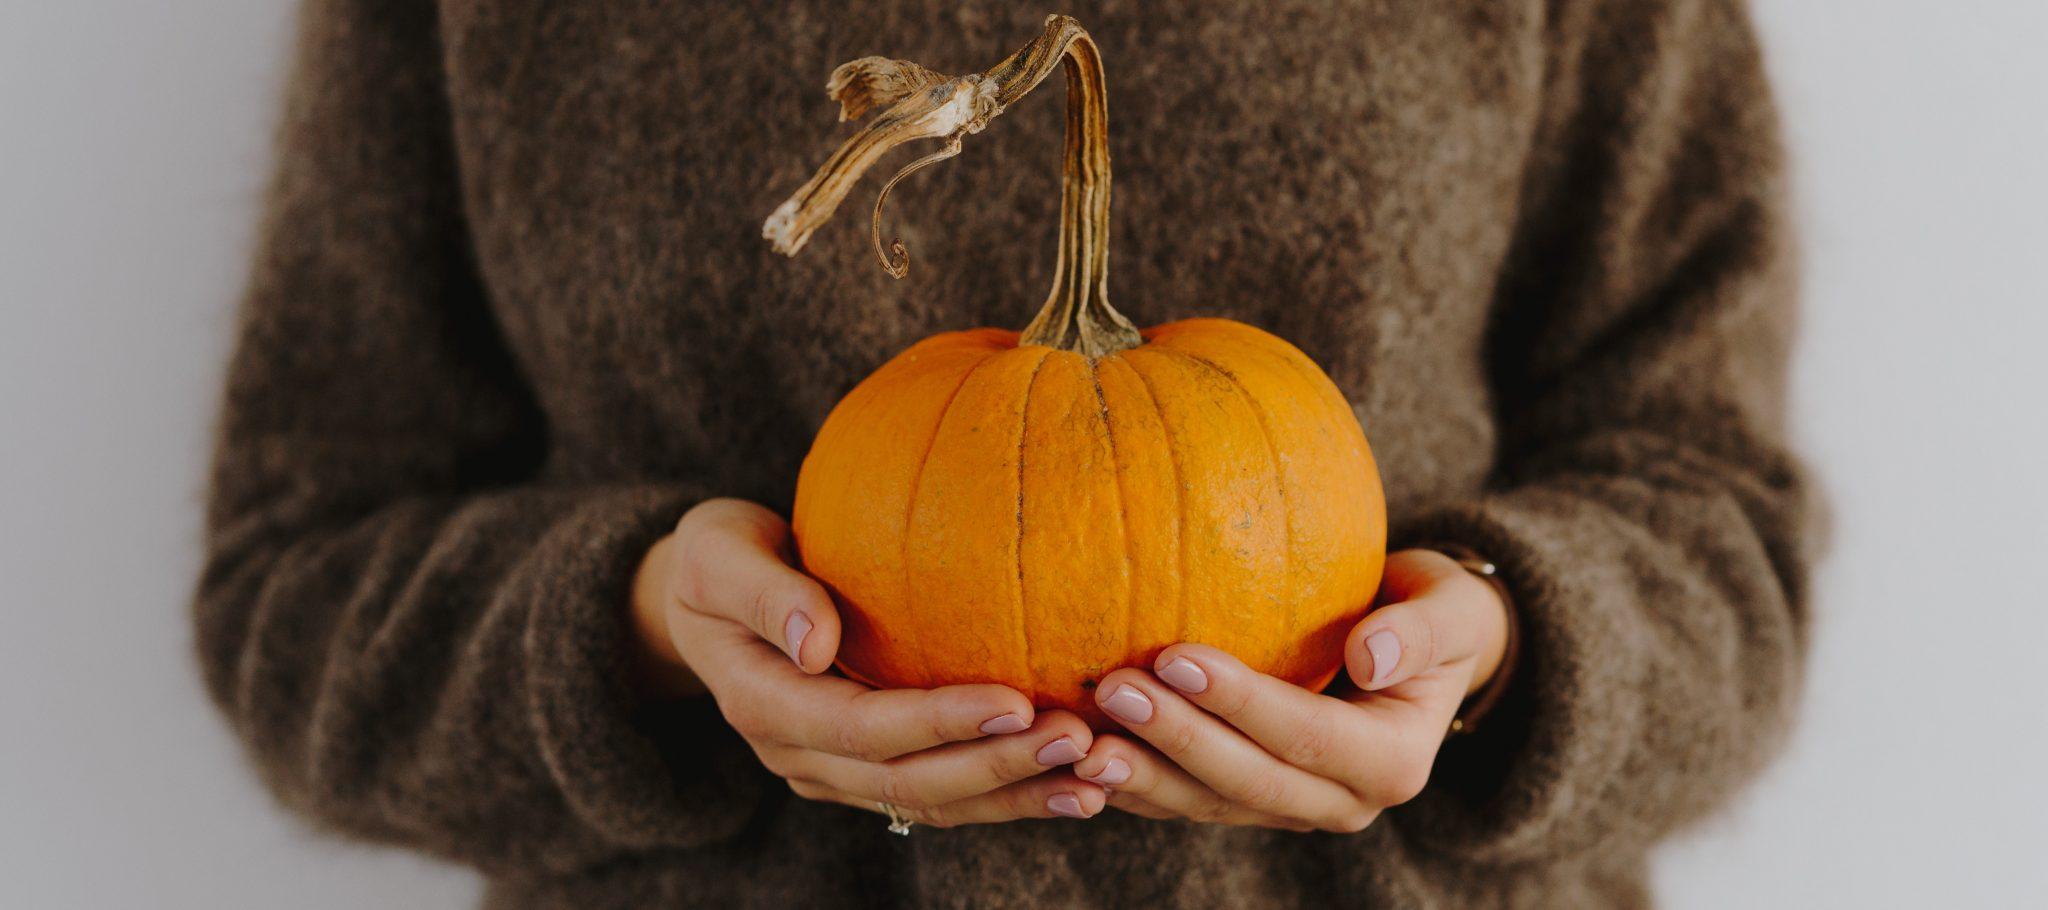 jesien-pomaga-mi-byc-blizej-siebie